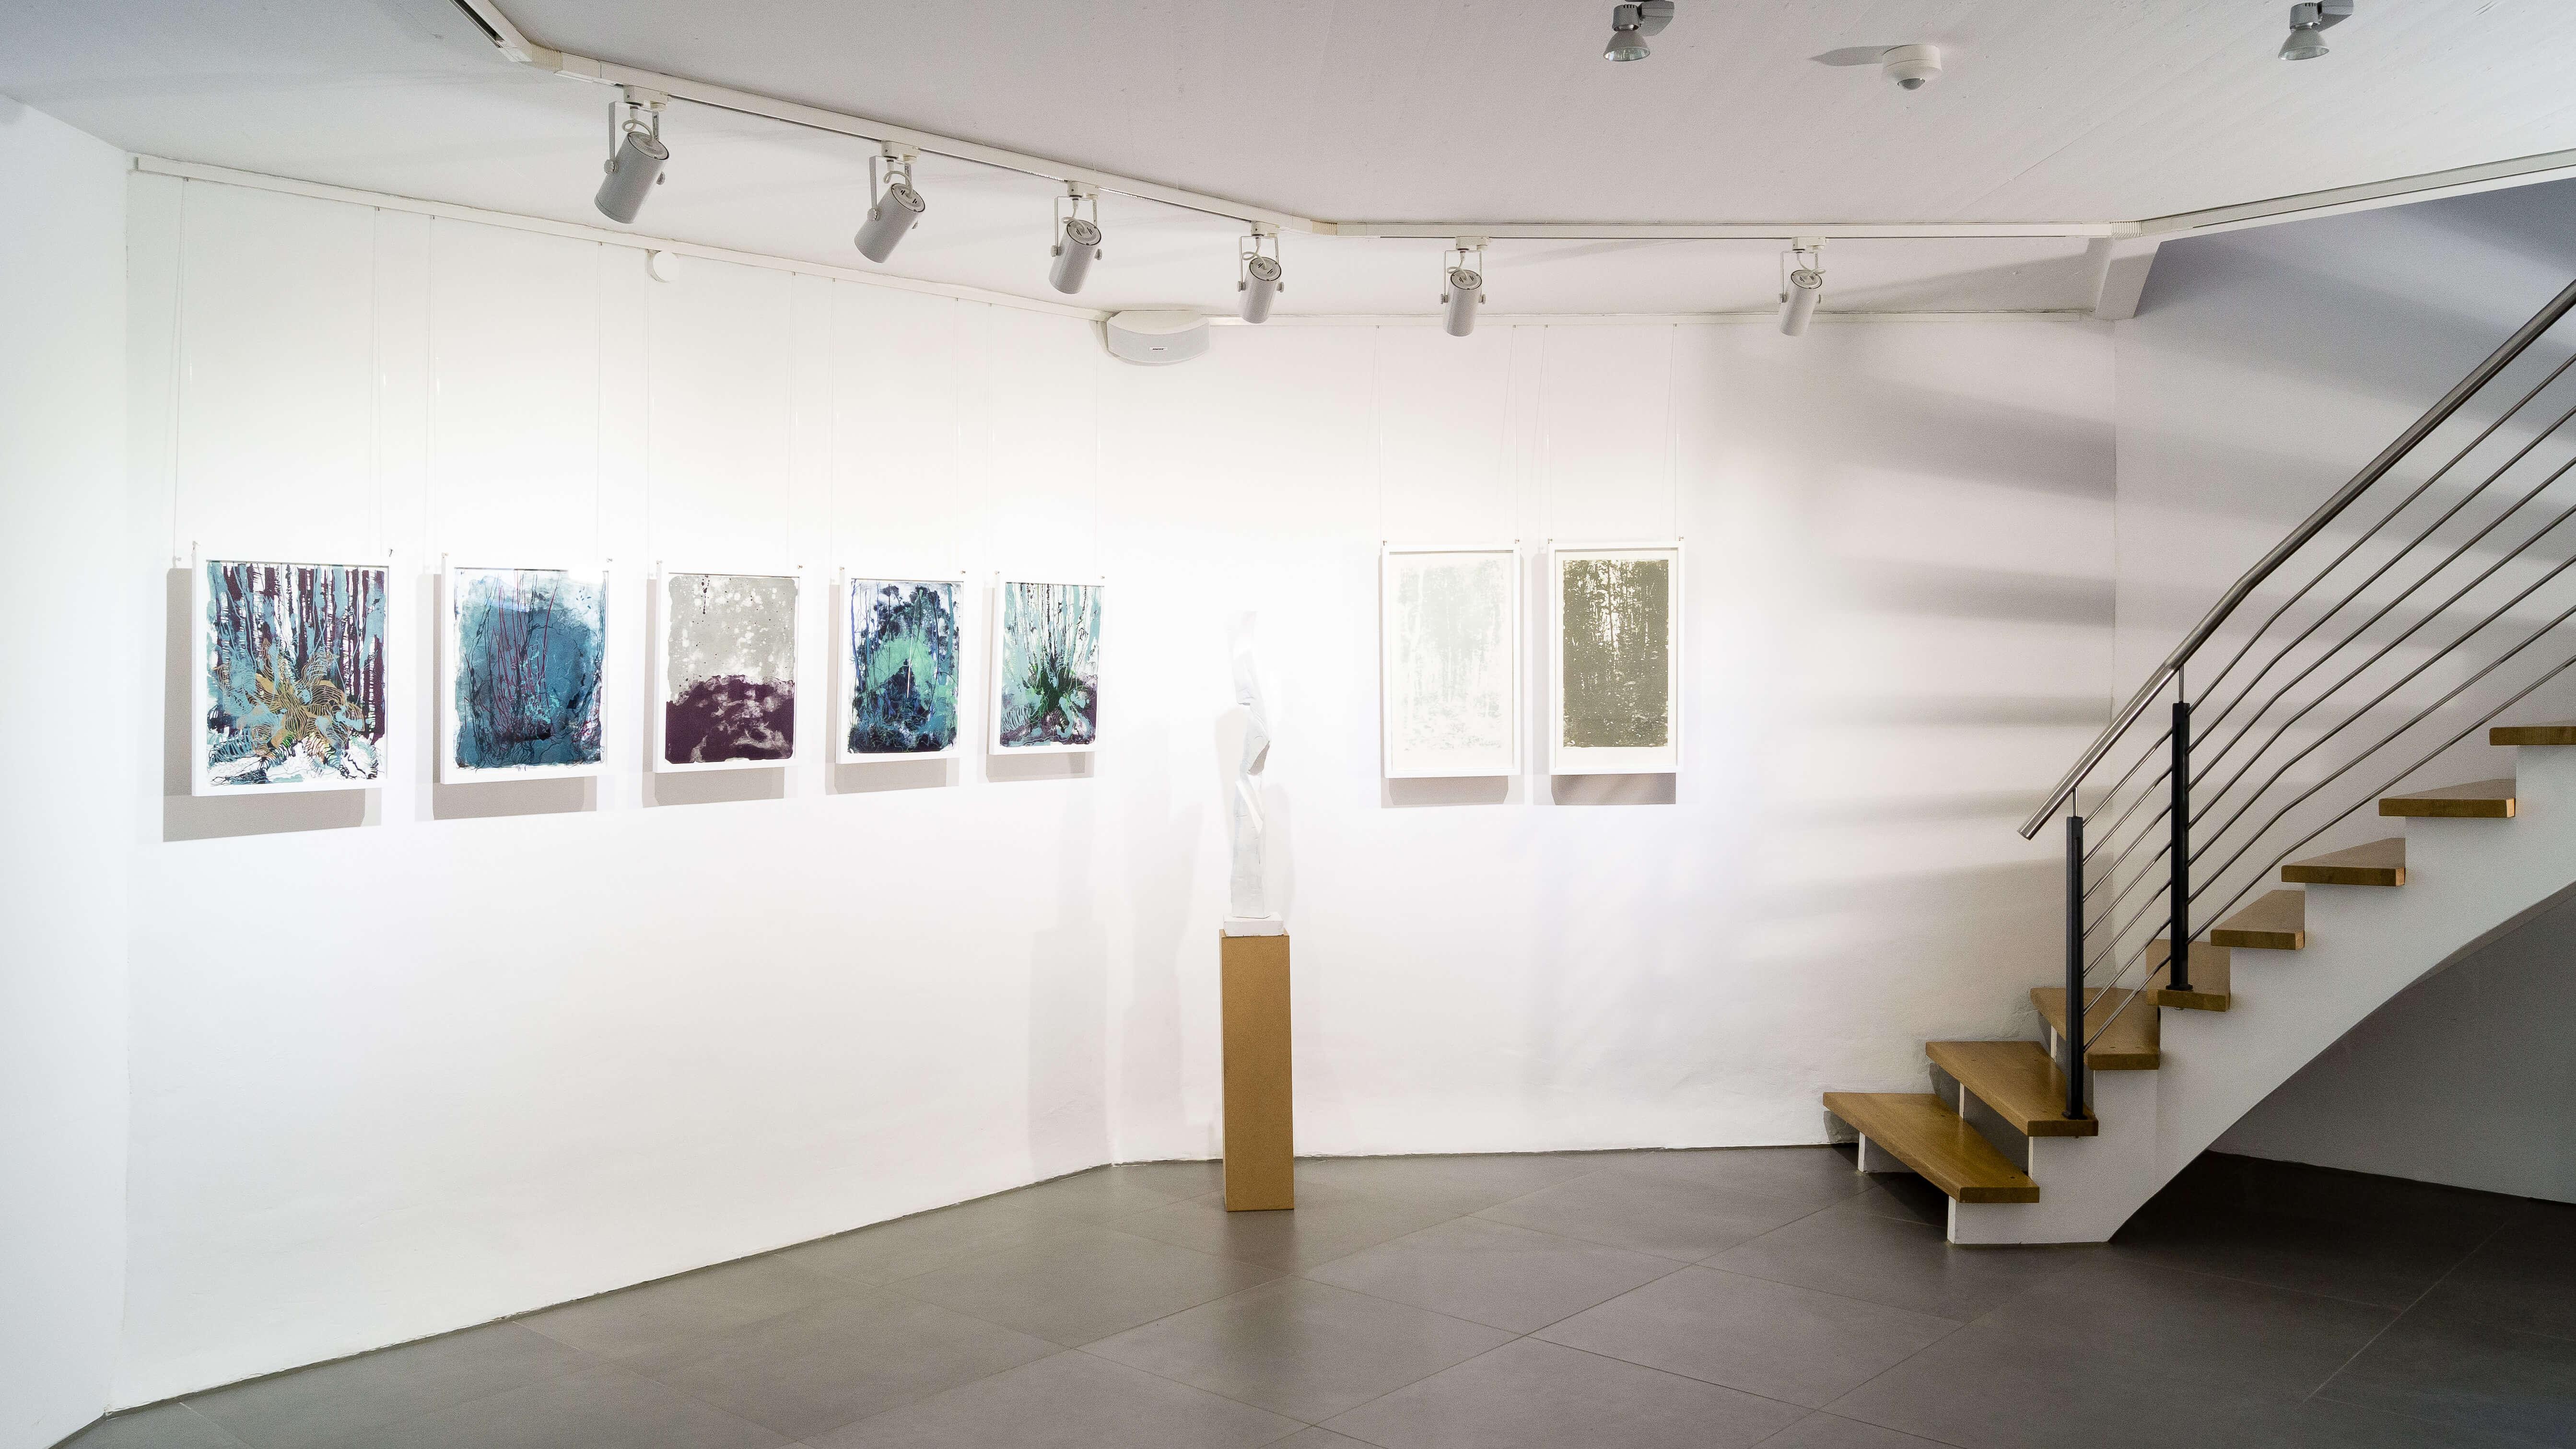 Katharina Albers, Kunstverein die Wassermühle Lohne, Lithographie